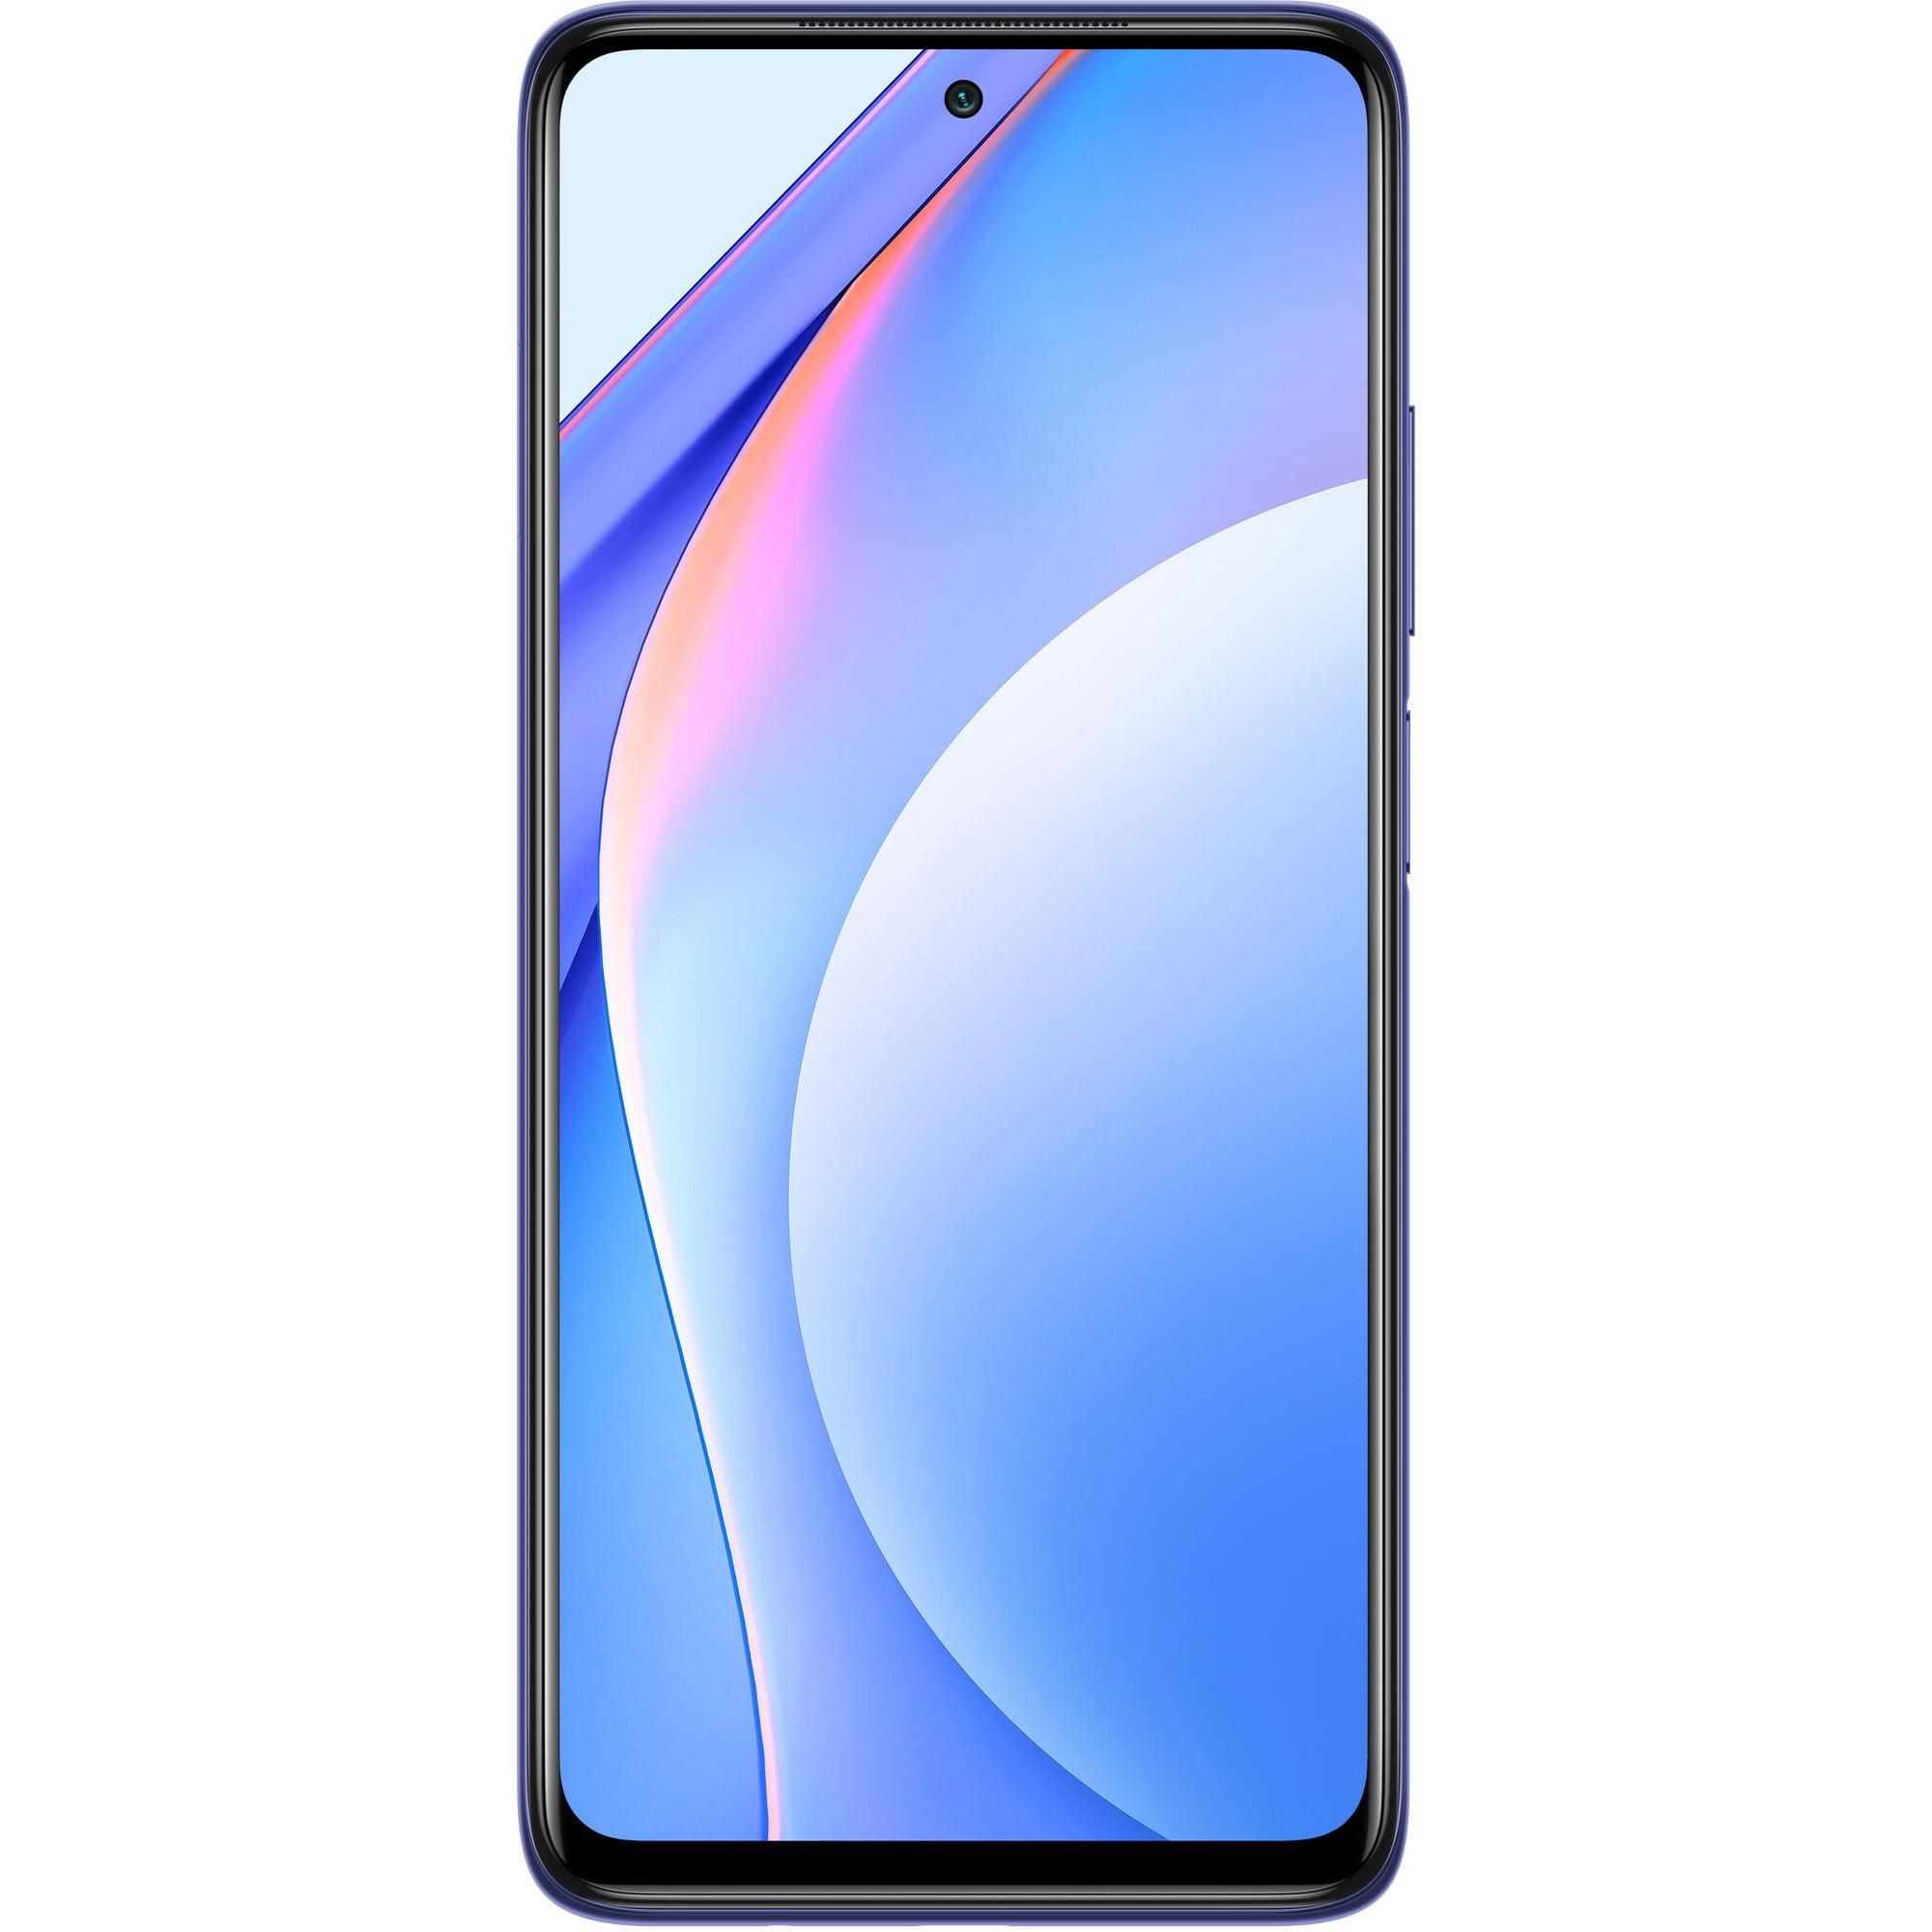 Telefon mobil Xiaomi Mi 10T Lite, Dual SIM, 64GB, 6GB RAM, 5G, Atlantic Blue